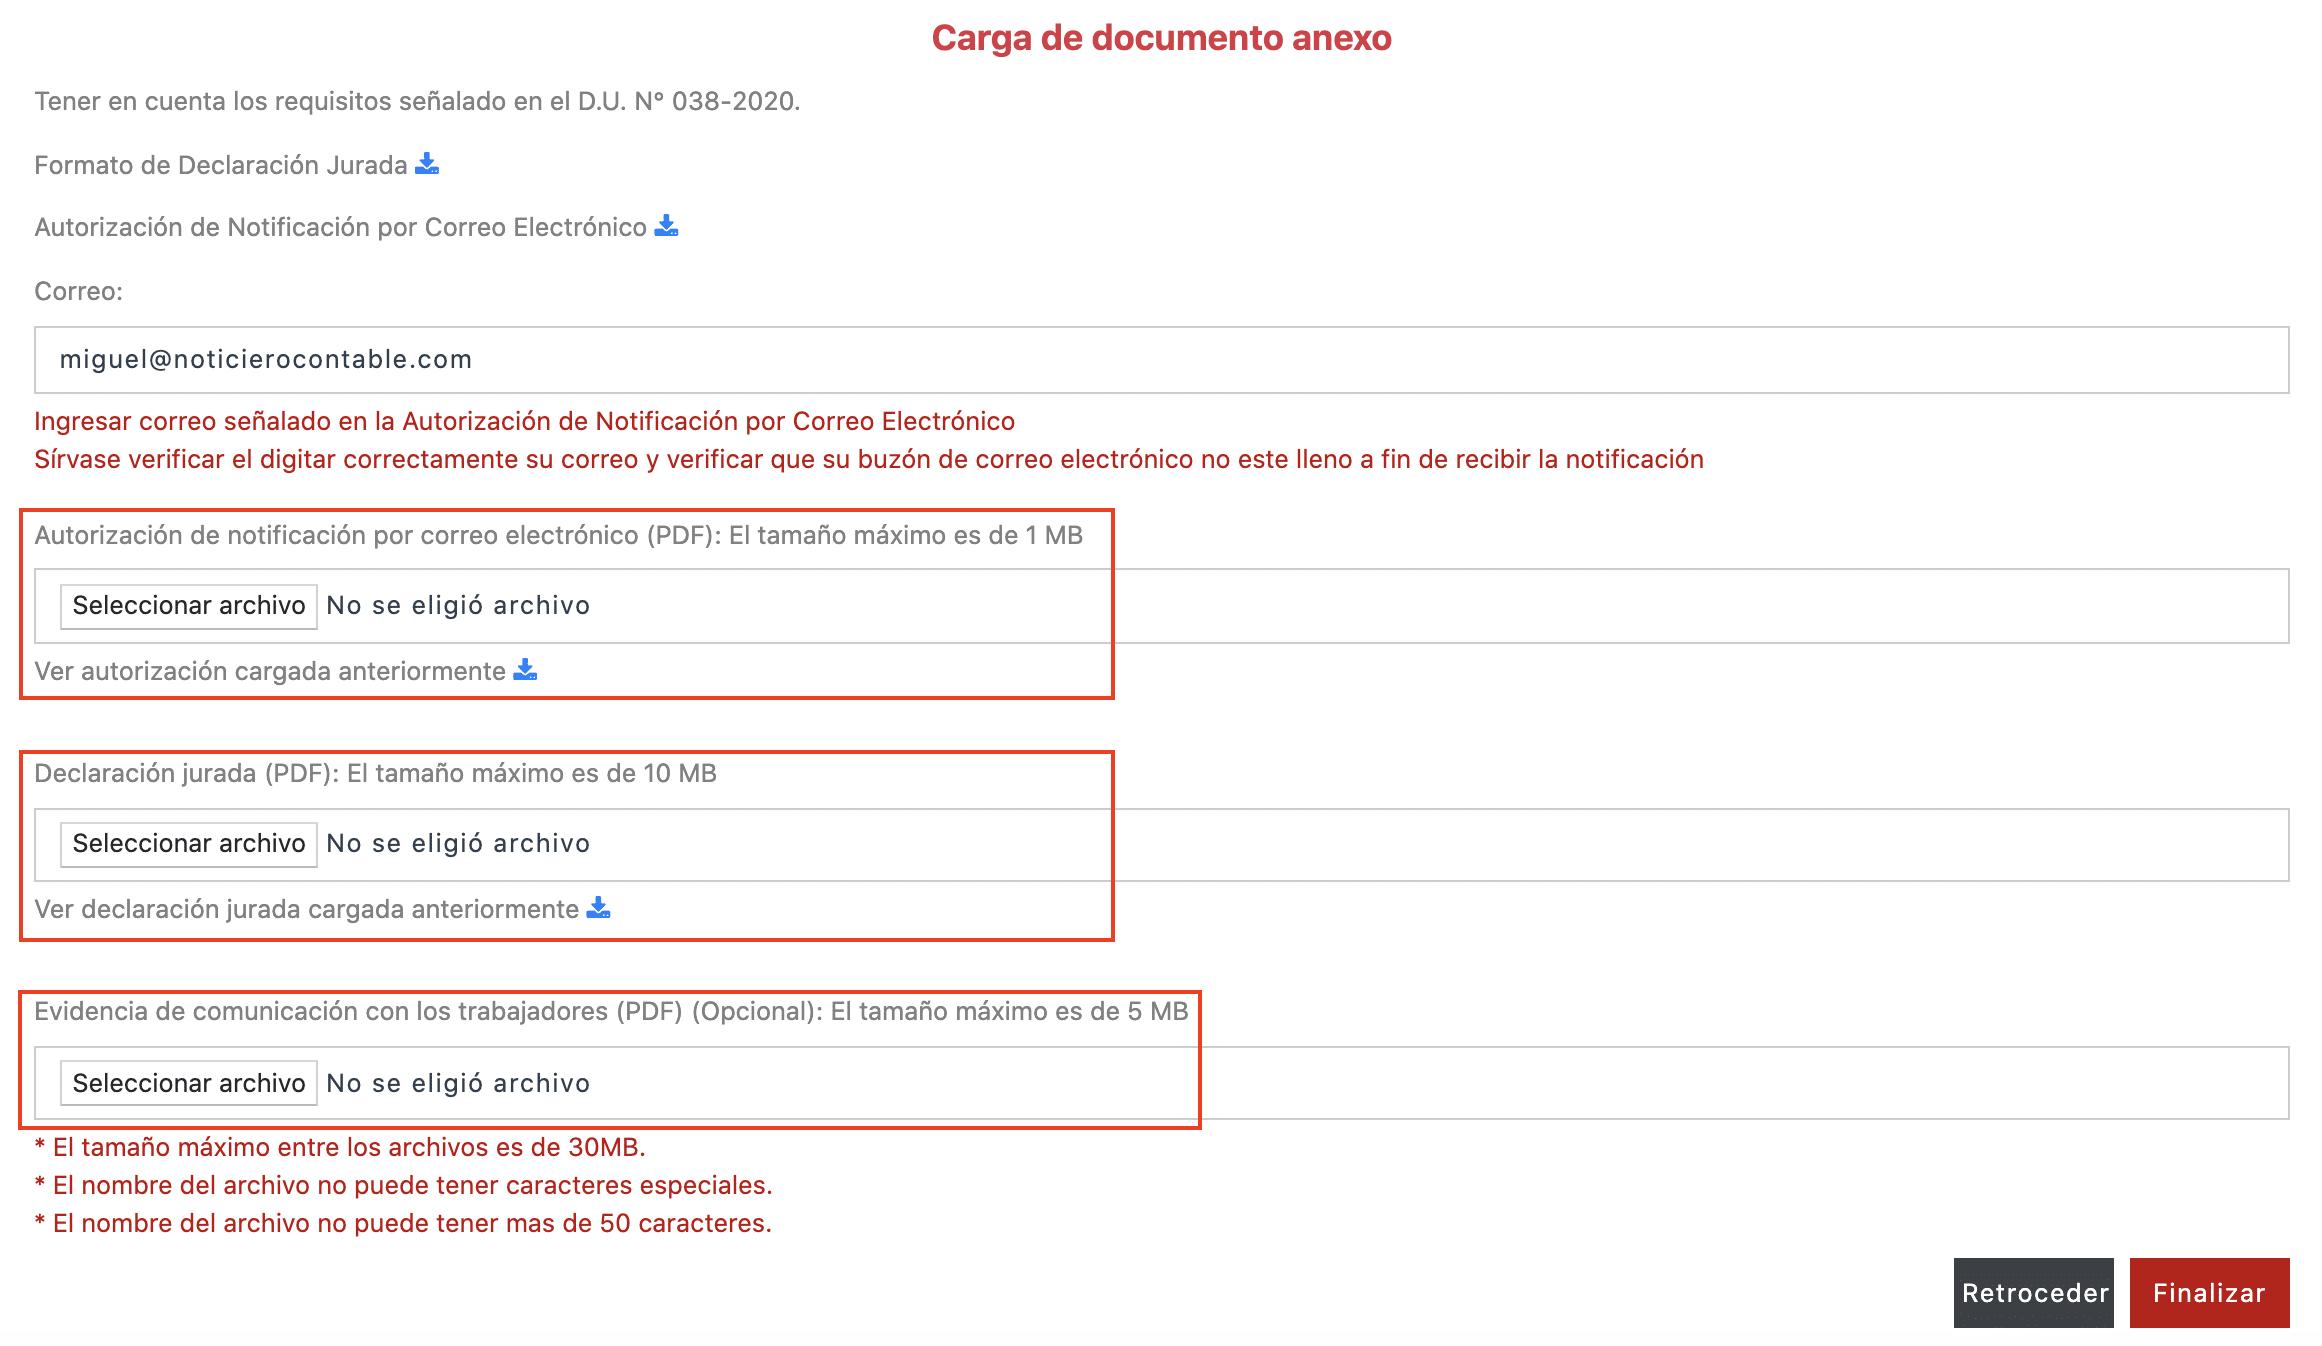 carga-de-documentos-de-la-suspension-perfecta